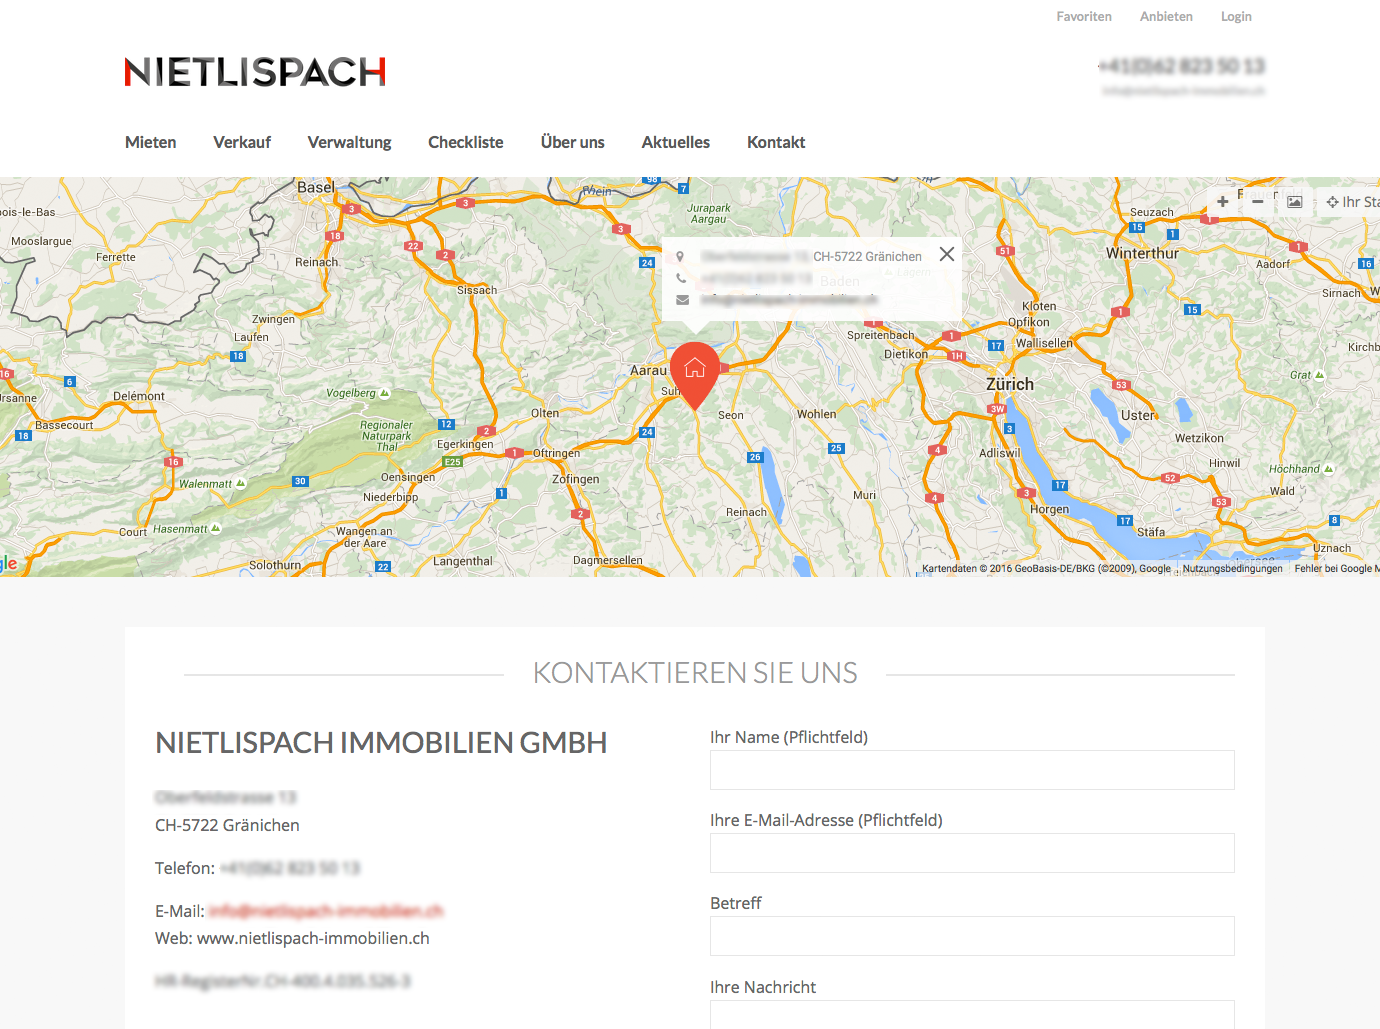 Nietlispach-immobilien-webseite-maklerwebseite-wordpress-verortung-schweiz-leipzig-dynamisch-webseitengestaltung